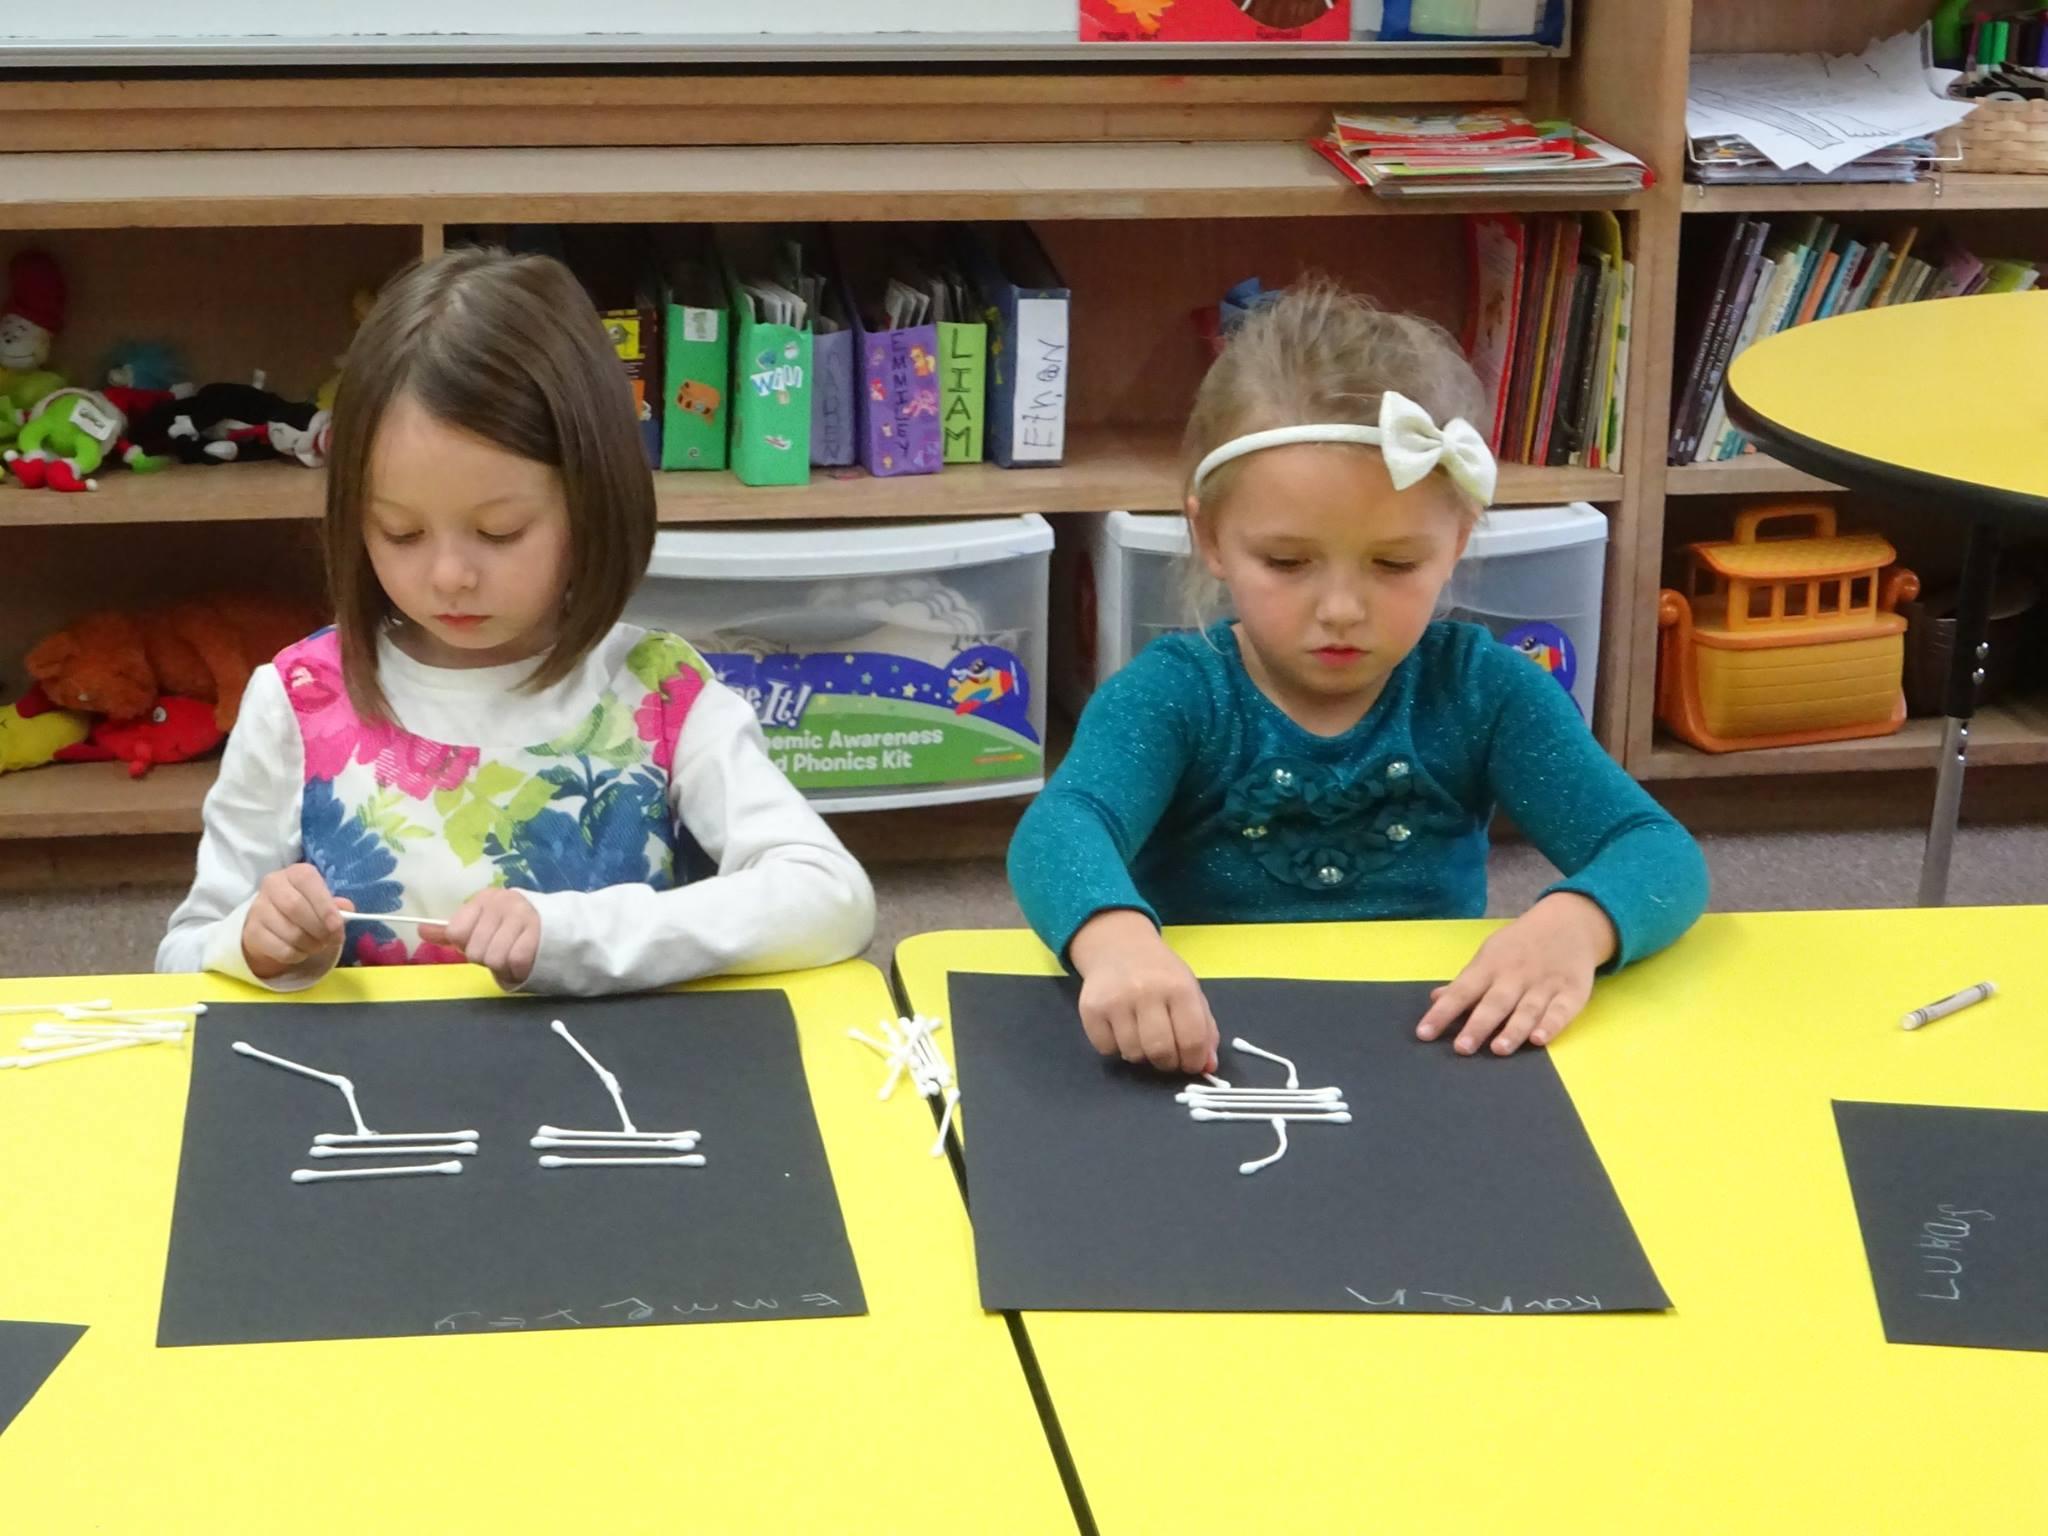 kids doing school activities